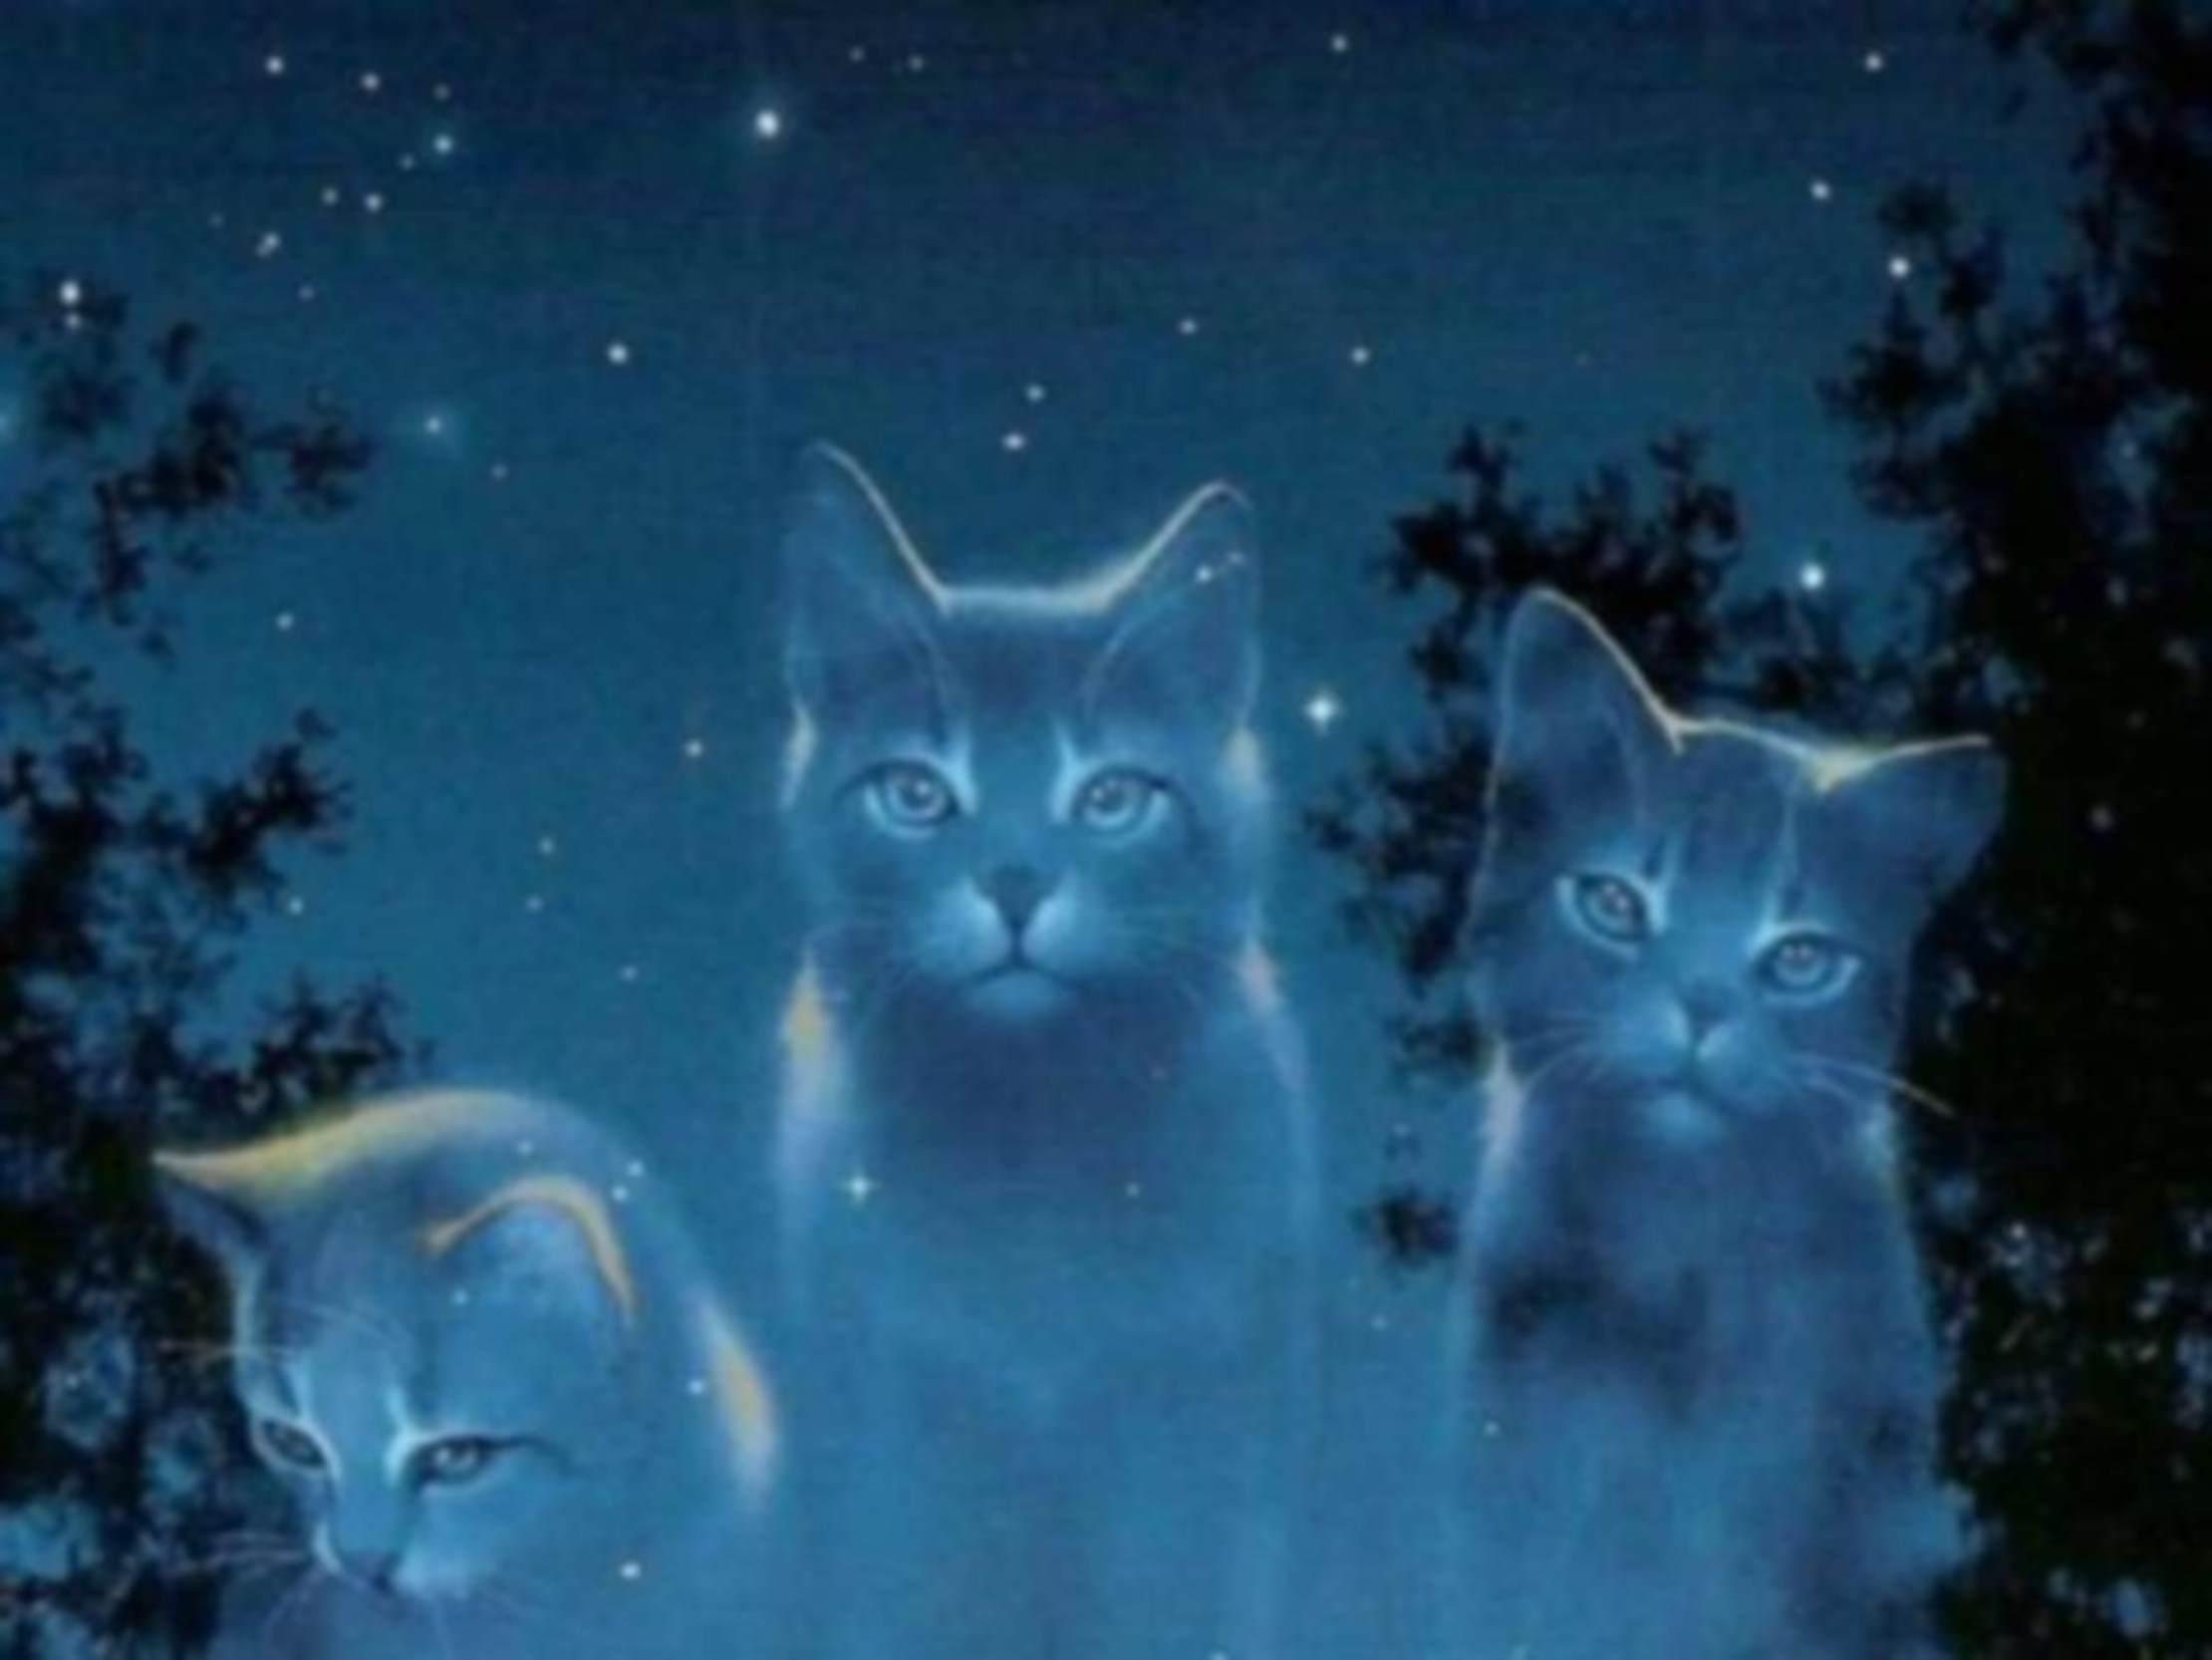 Anima gatti